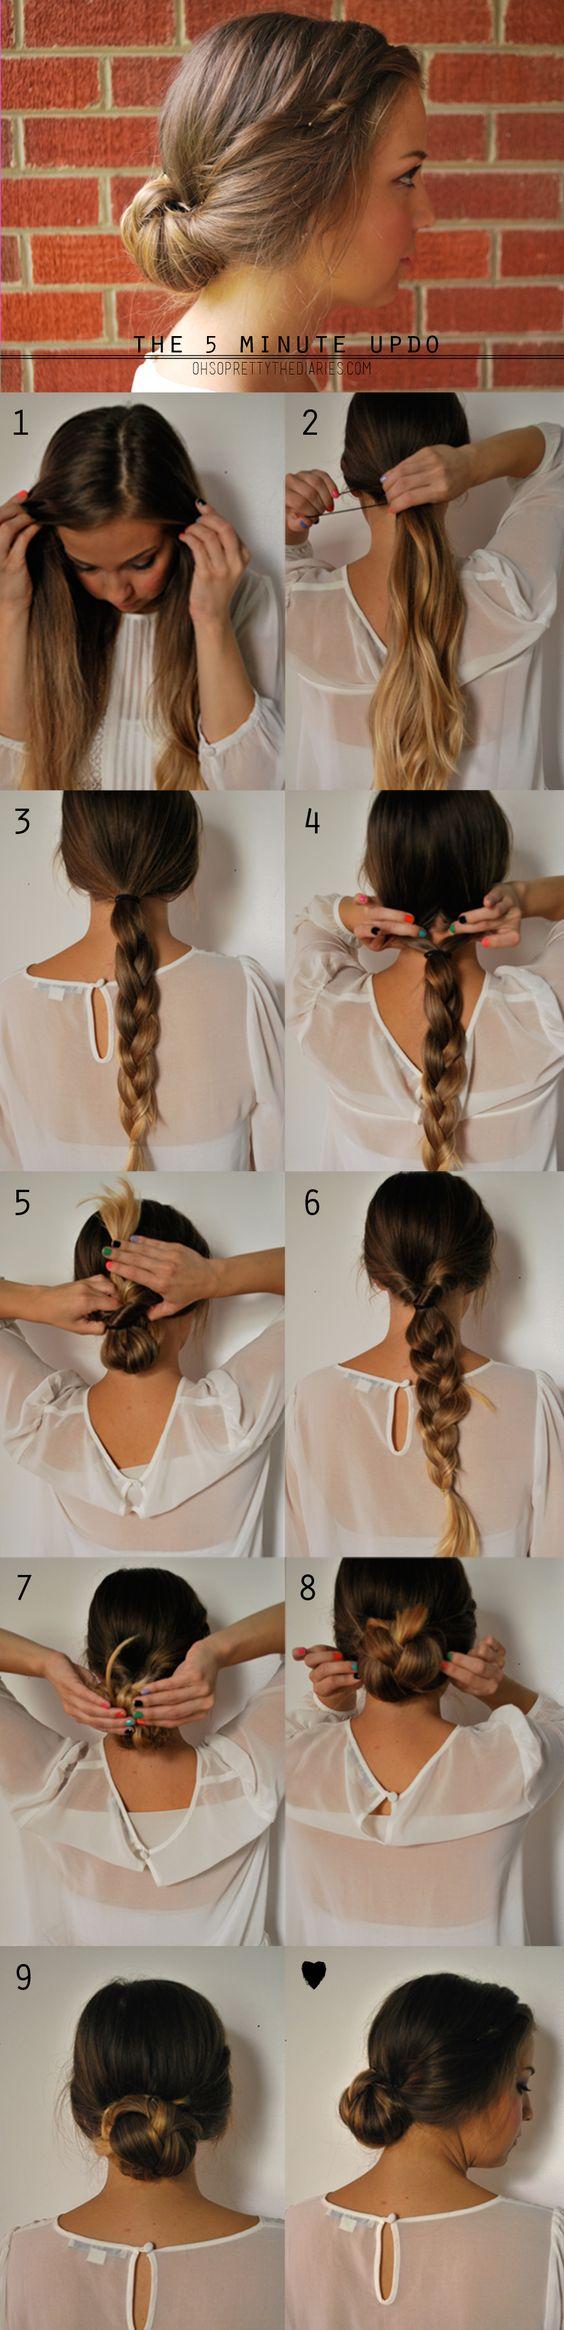 Les meilleurs tutos coiffure - La minifashionista pas si mini que ça !